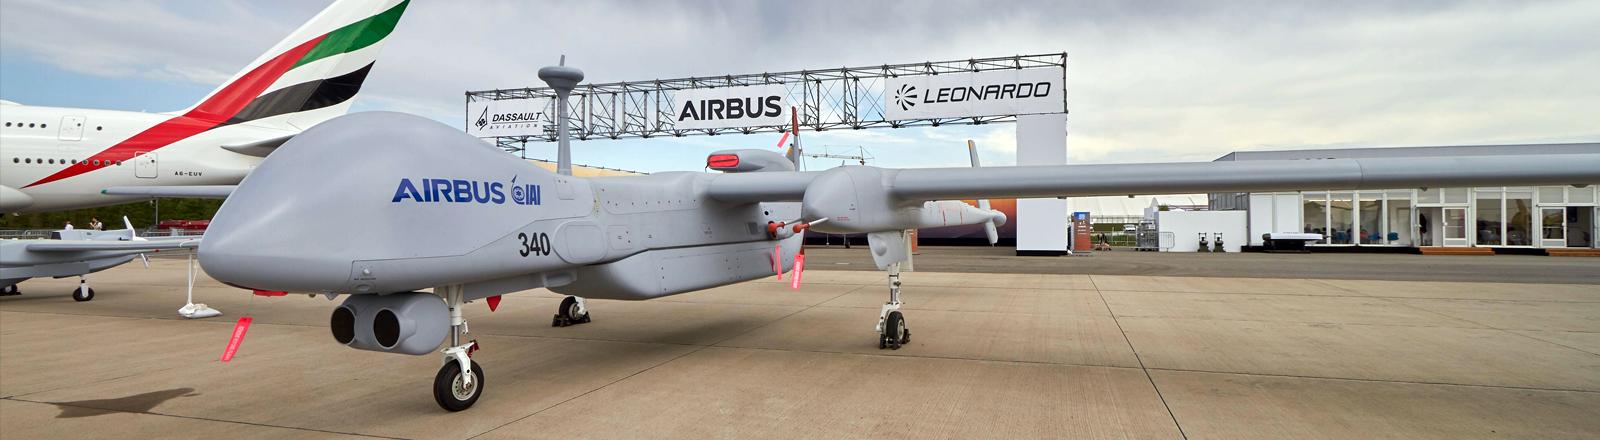 Drohne des Typs Heron TP des Rüstungsunternehmens Israel Aerospace Industries bei der Internationalen Luft- und Raumfahrtausstellung in Berlin am 29.04.2018